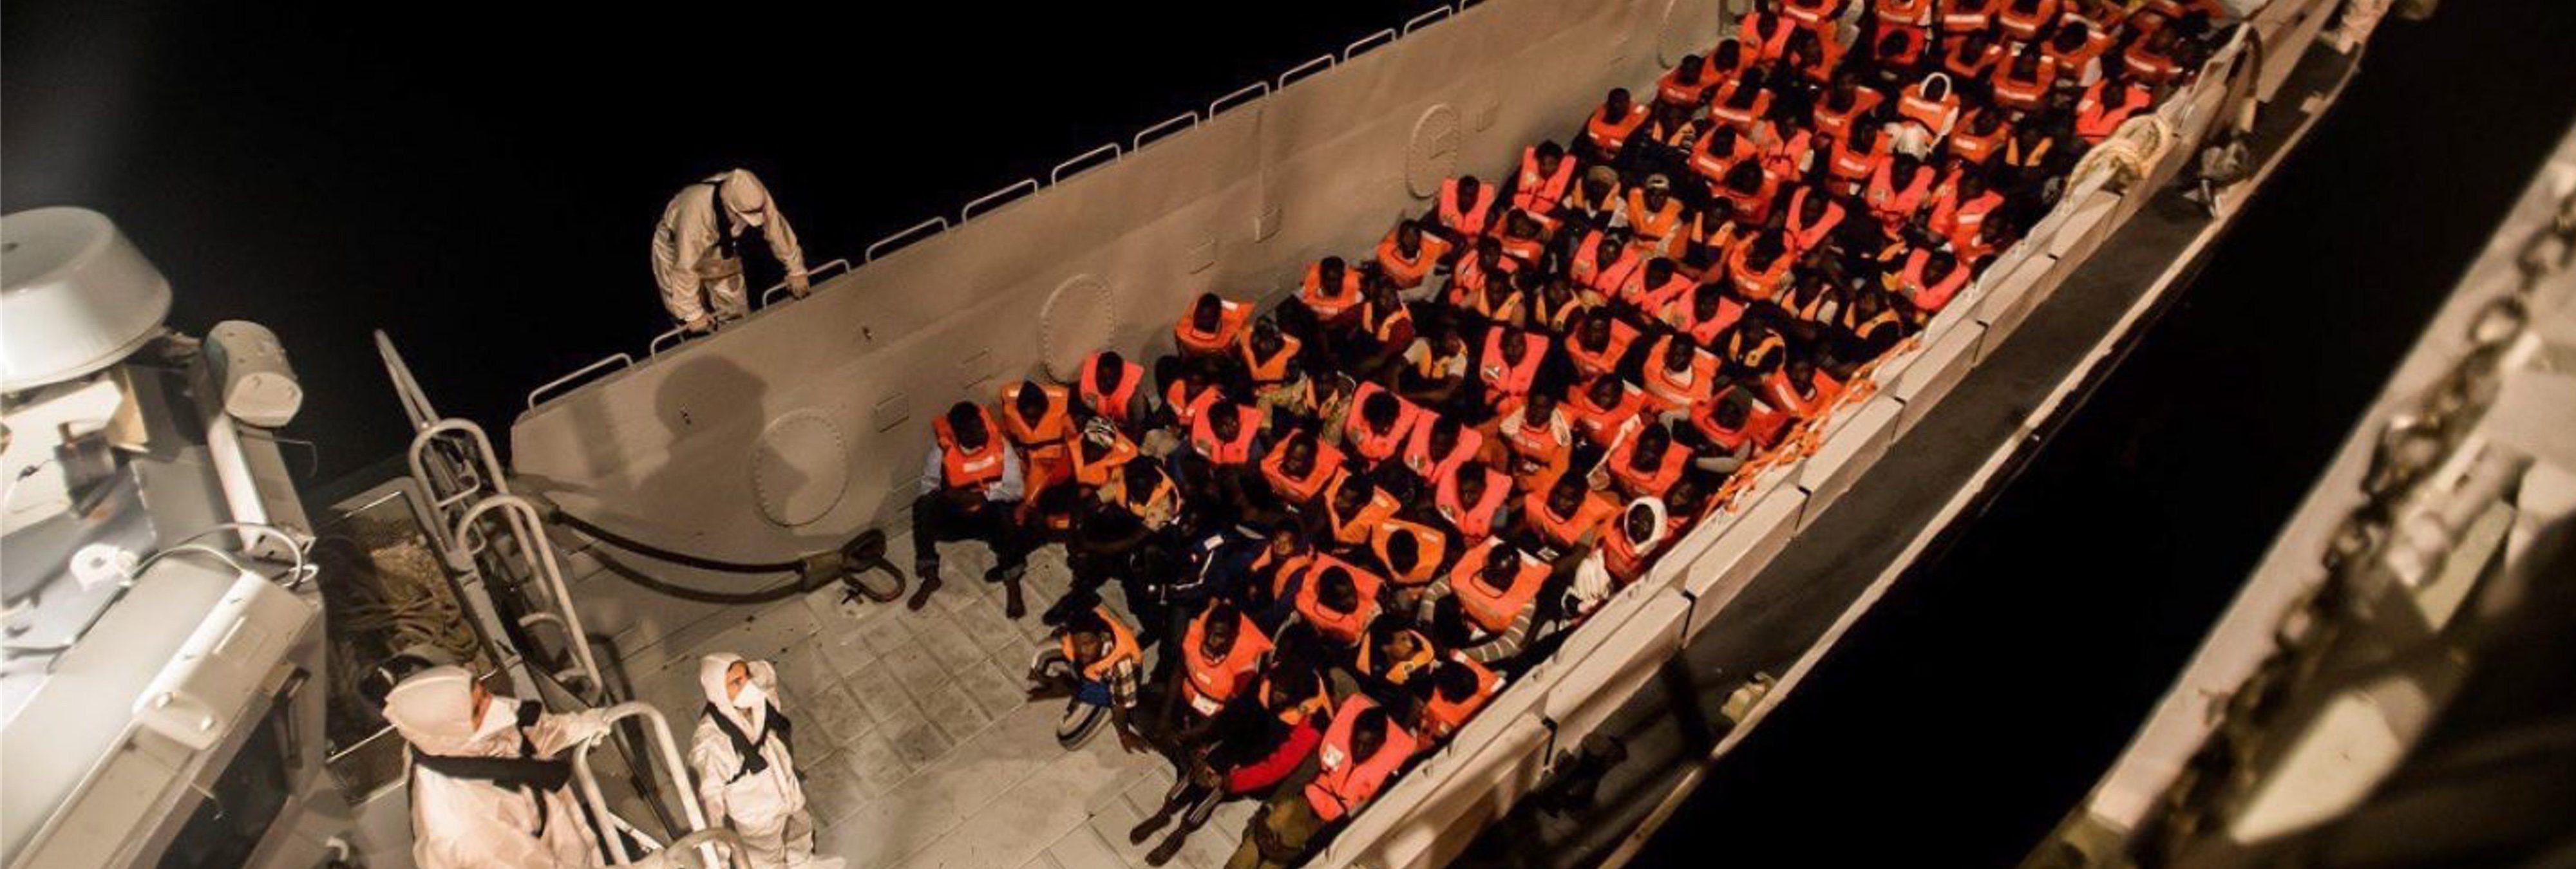 El barco Aquarius, el compromiso con los refugiados y el papel de Europa